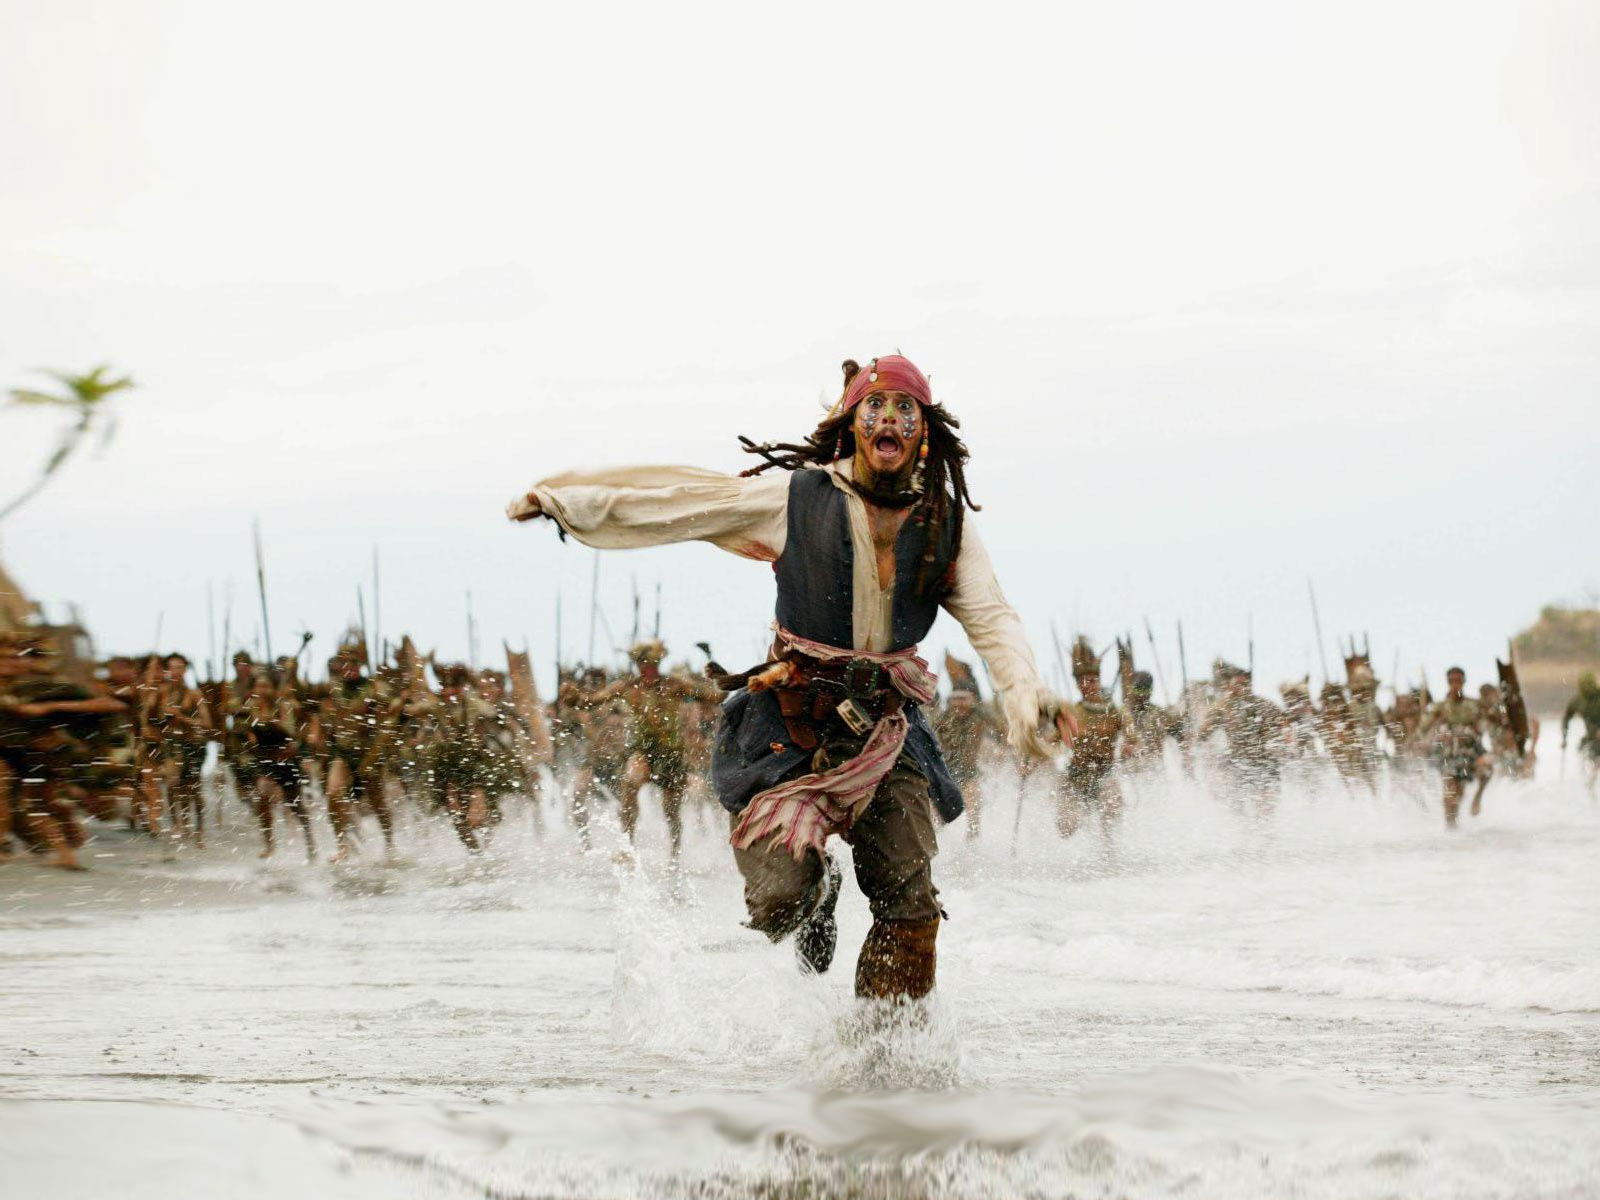 http://4.bp.blogspot.com/_P8zs3lFfZn8/TFB9iJ5VulI/AAAAAAAAAOg/sDSkExfLO2M/s1600/Captain_Jack_Sparrow_-_Johnny_Depp.jpg